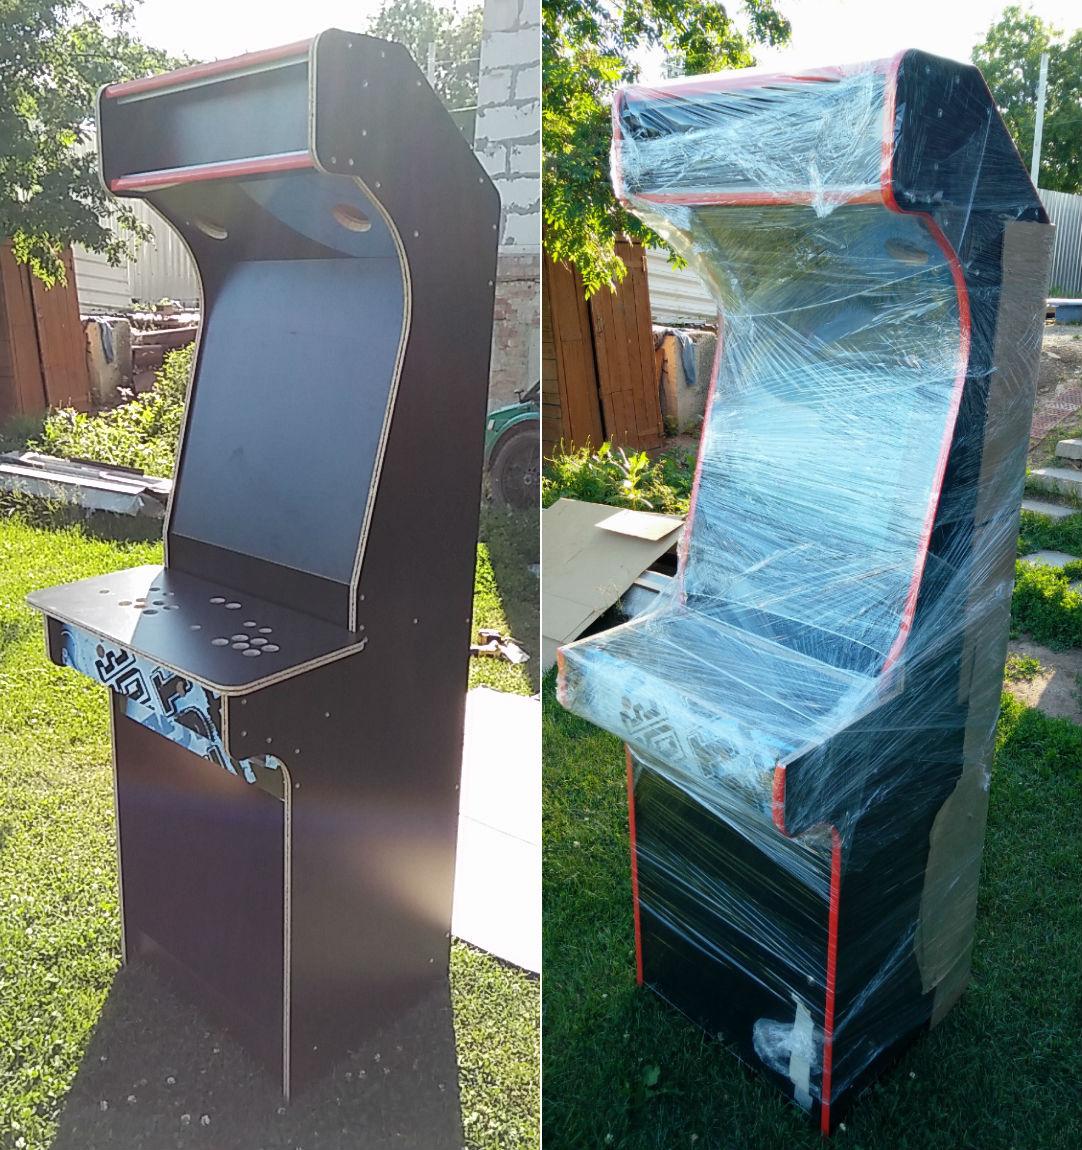 Контра, Батлтодс и Мортал Комбат в одной коробке. История о том, как я сделал игровой автомат и поставил его в офисе - 6